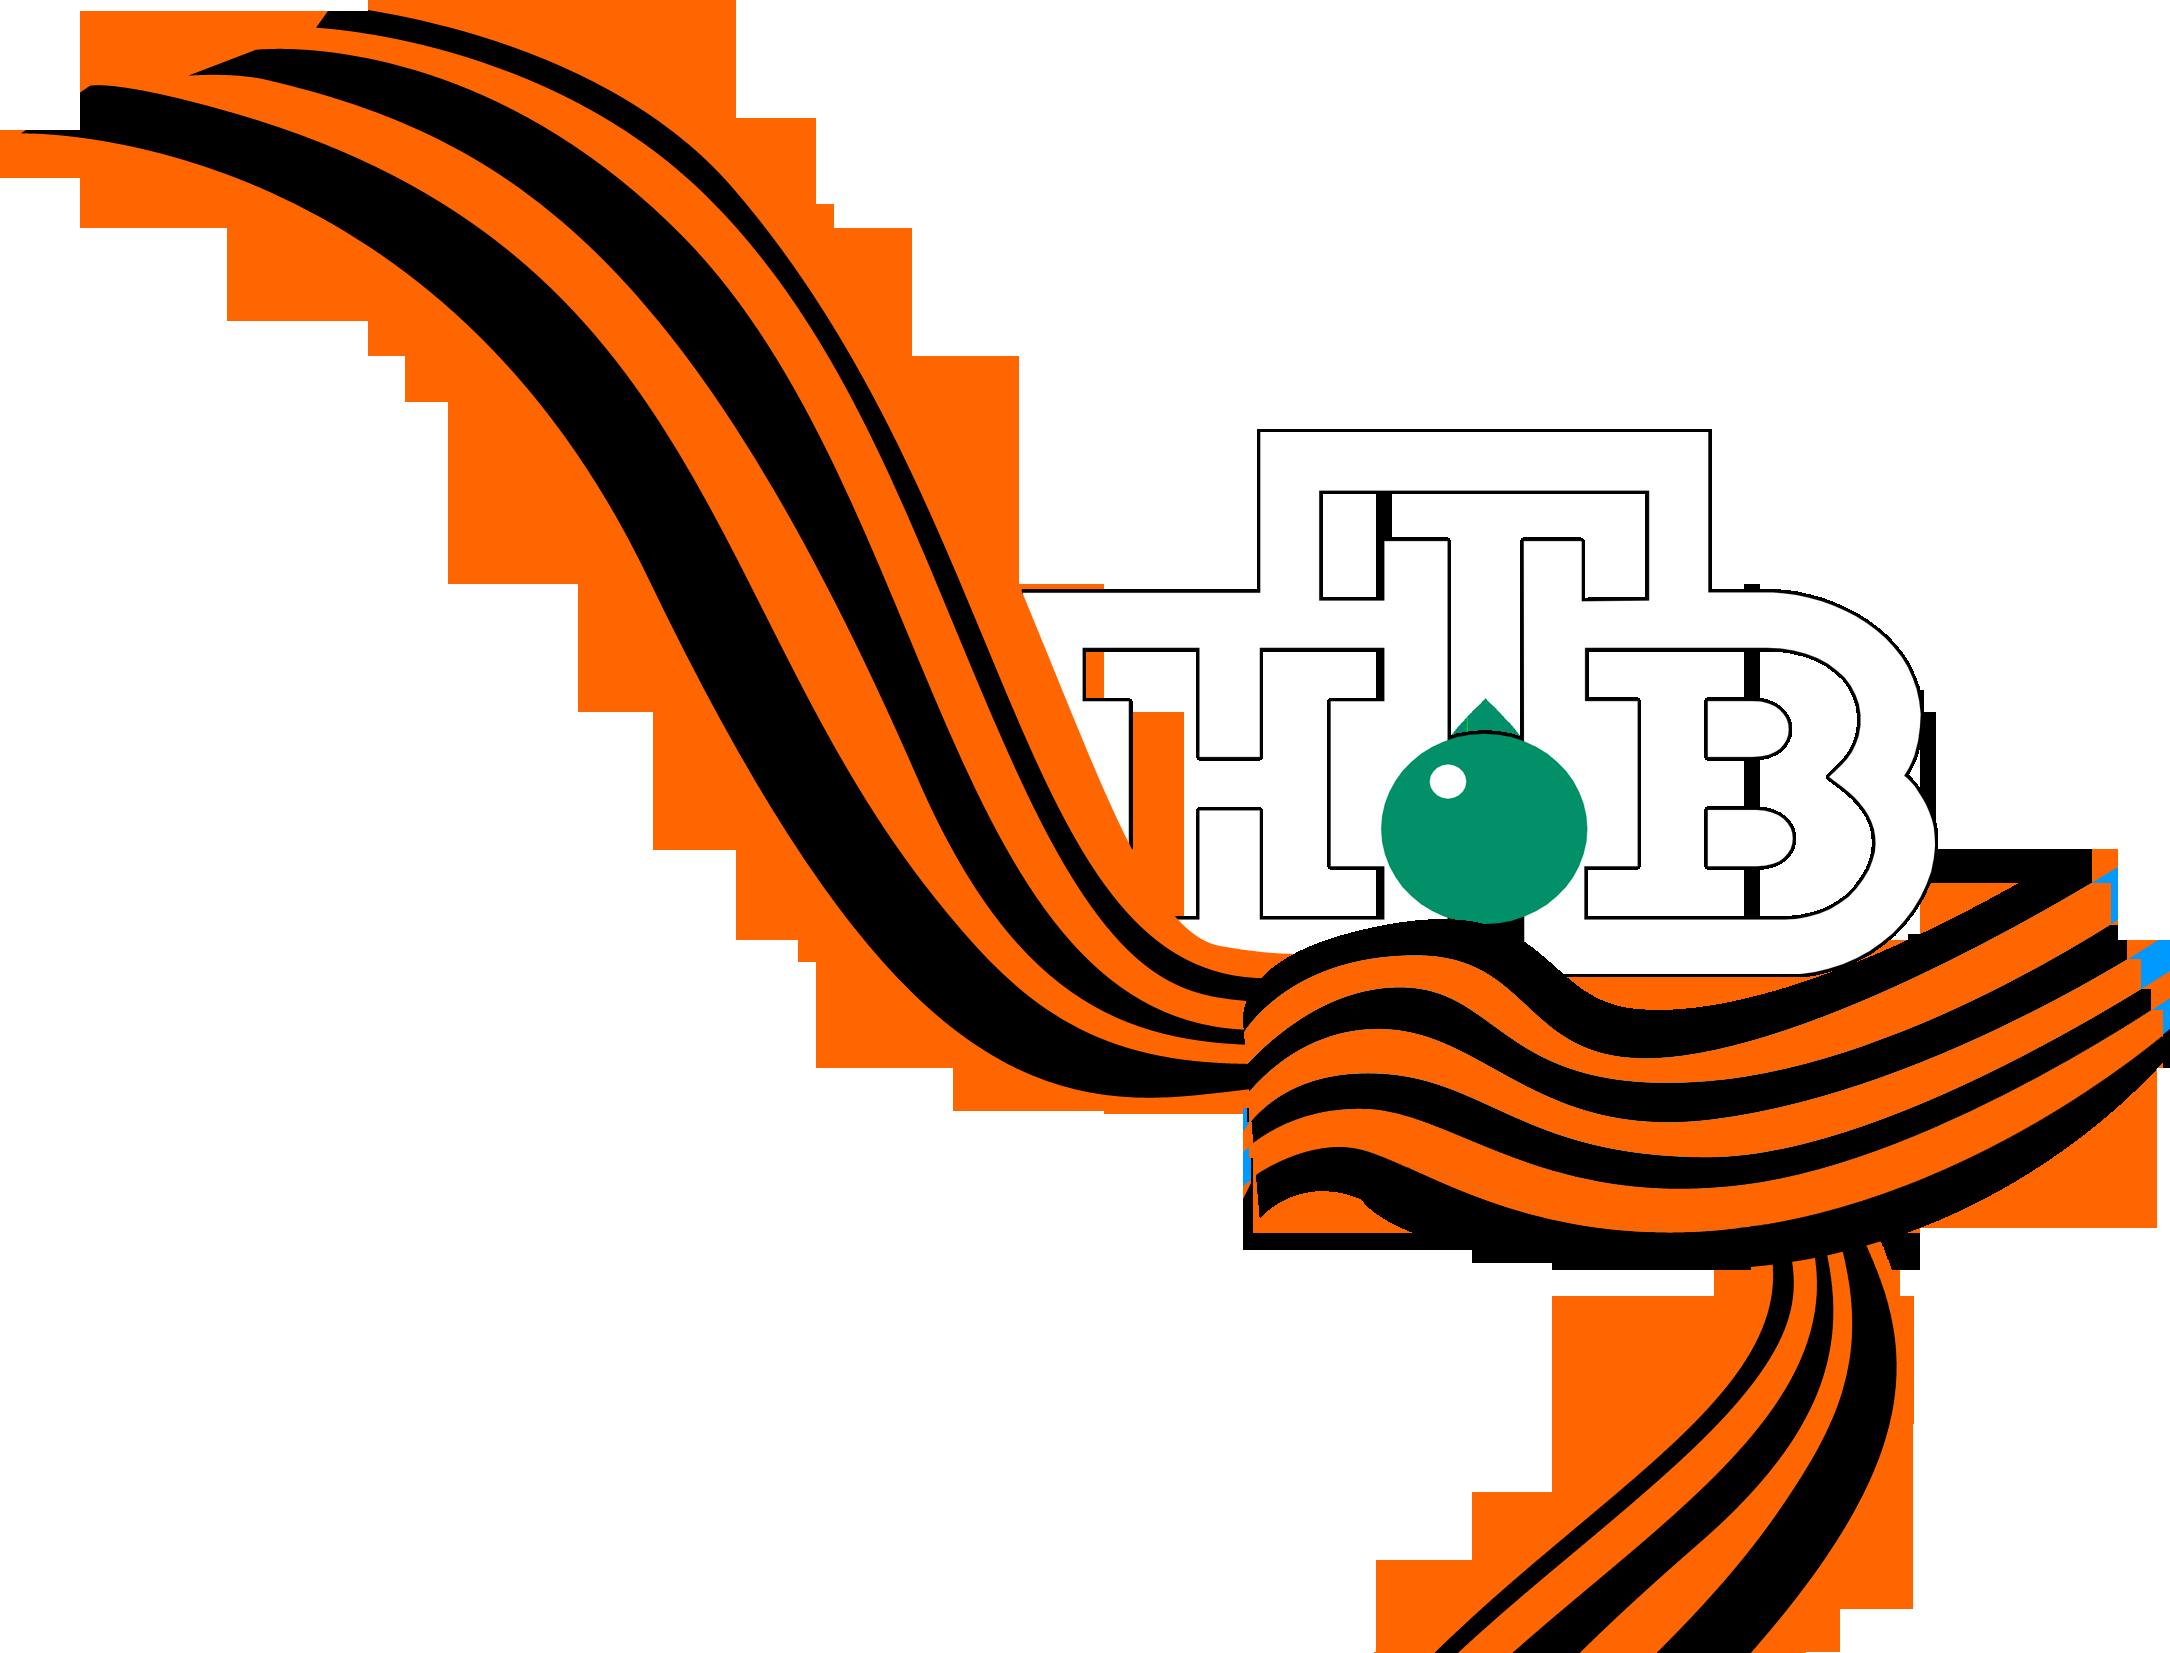 Логотип НТВ к 9 мая (2004)